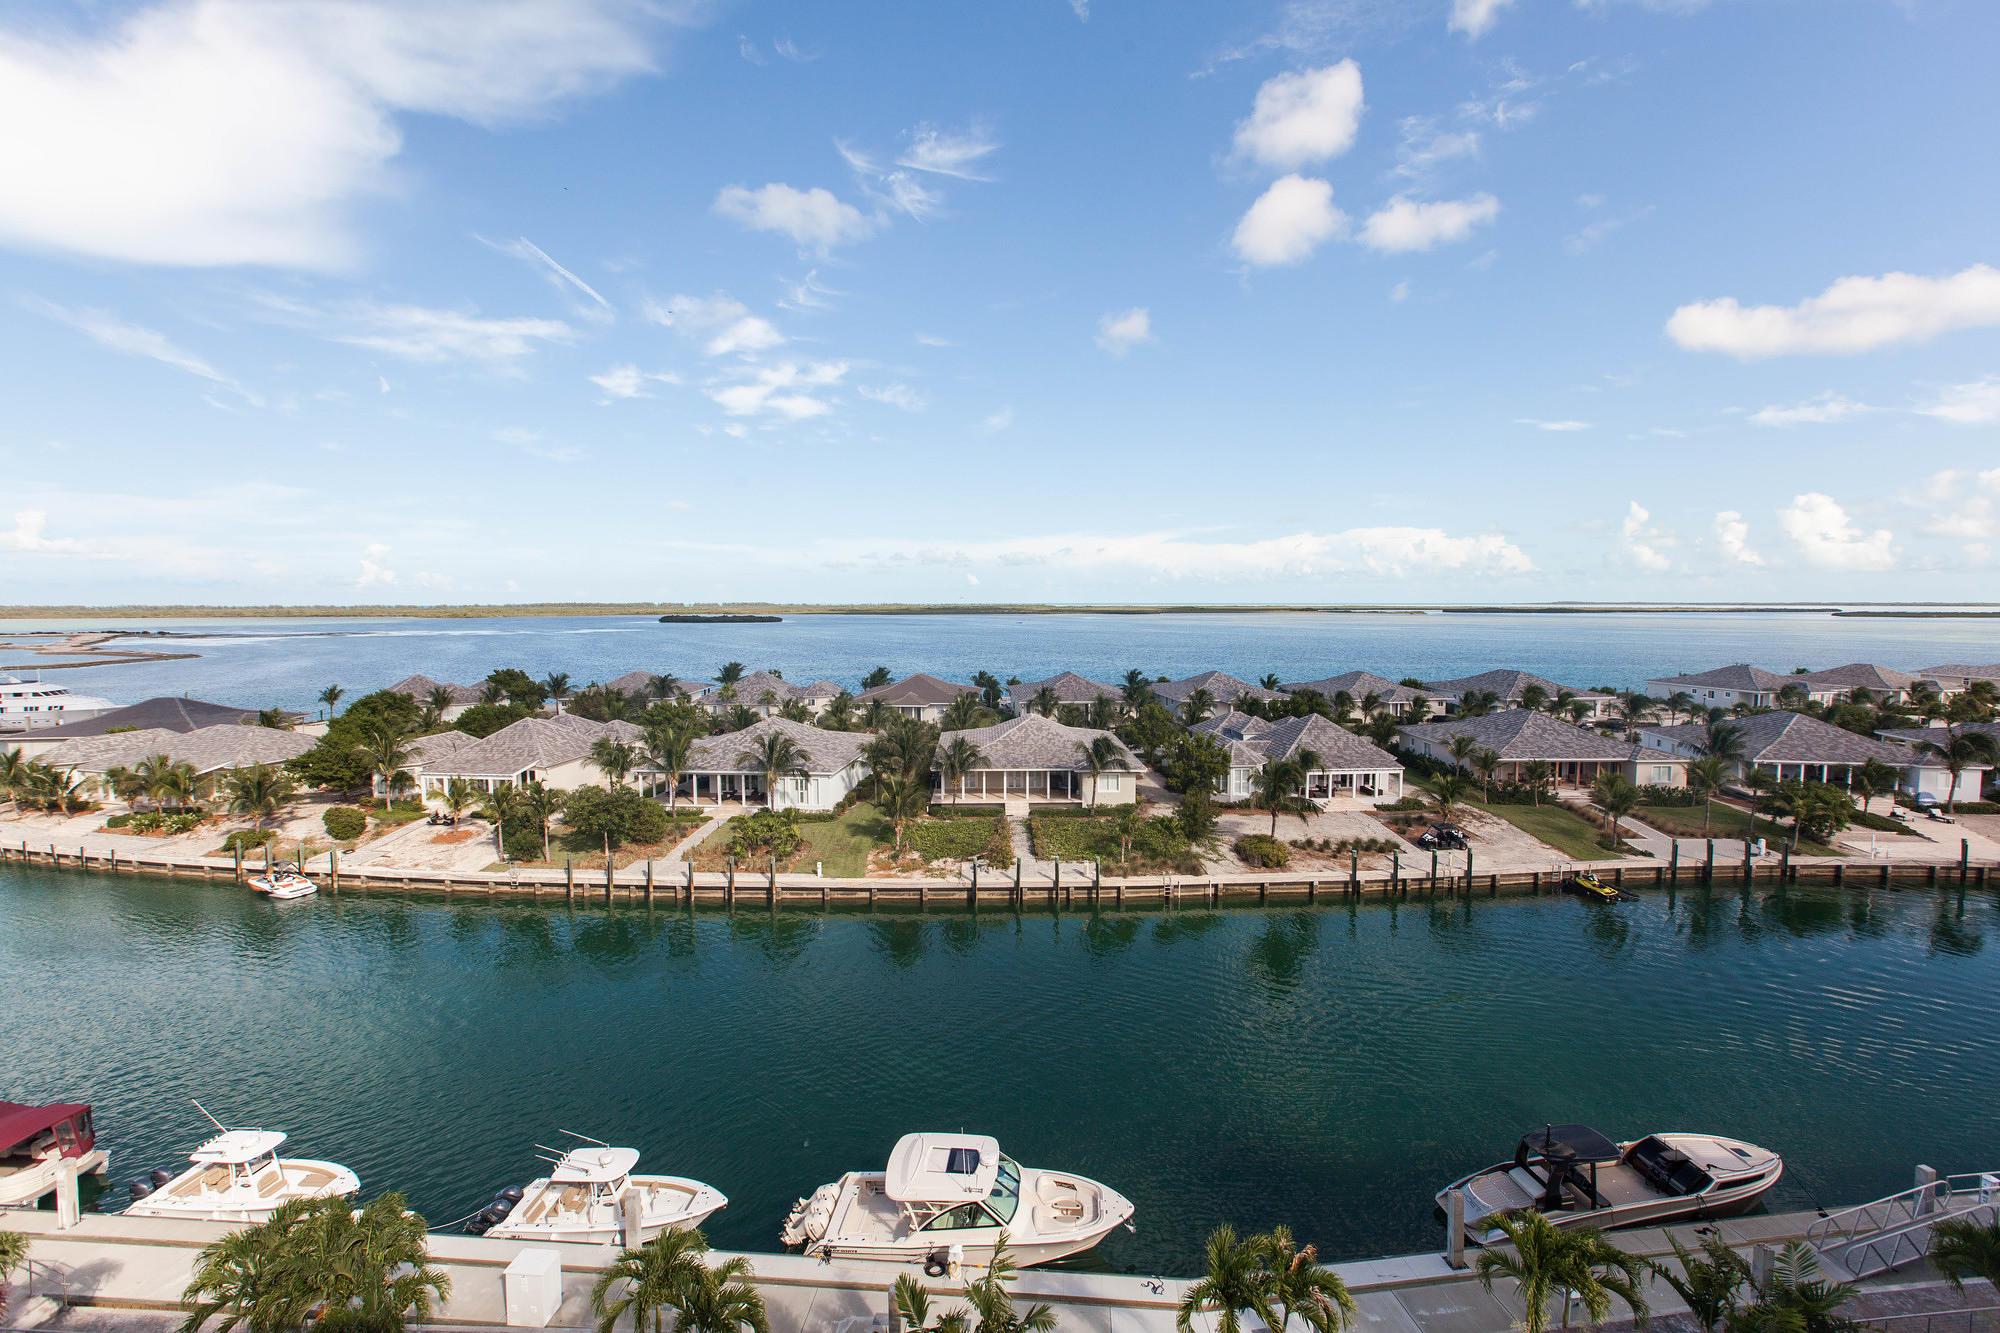 hurricane dorian update: bahamas islands you can still visit